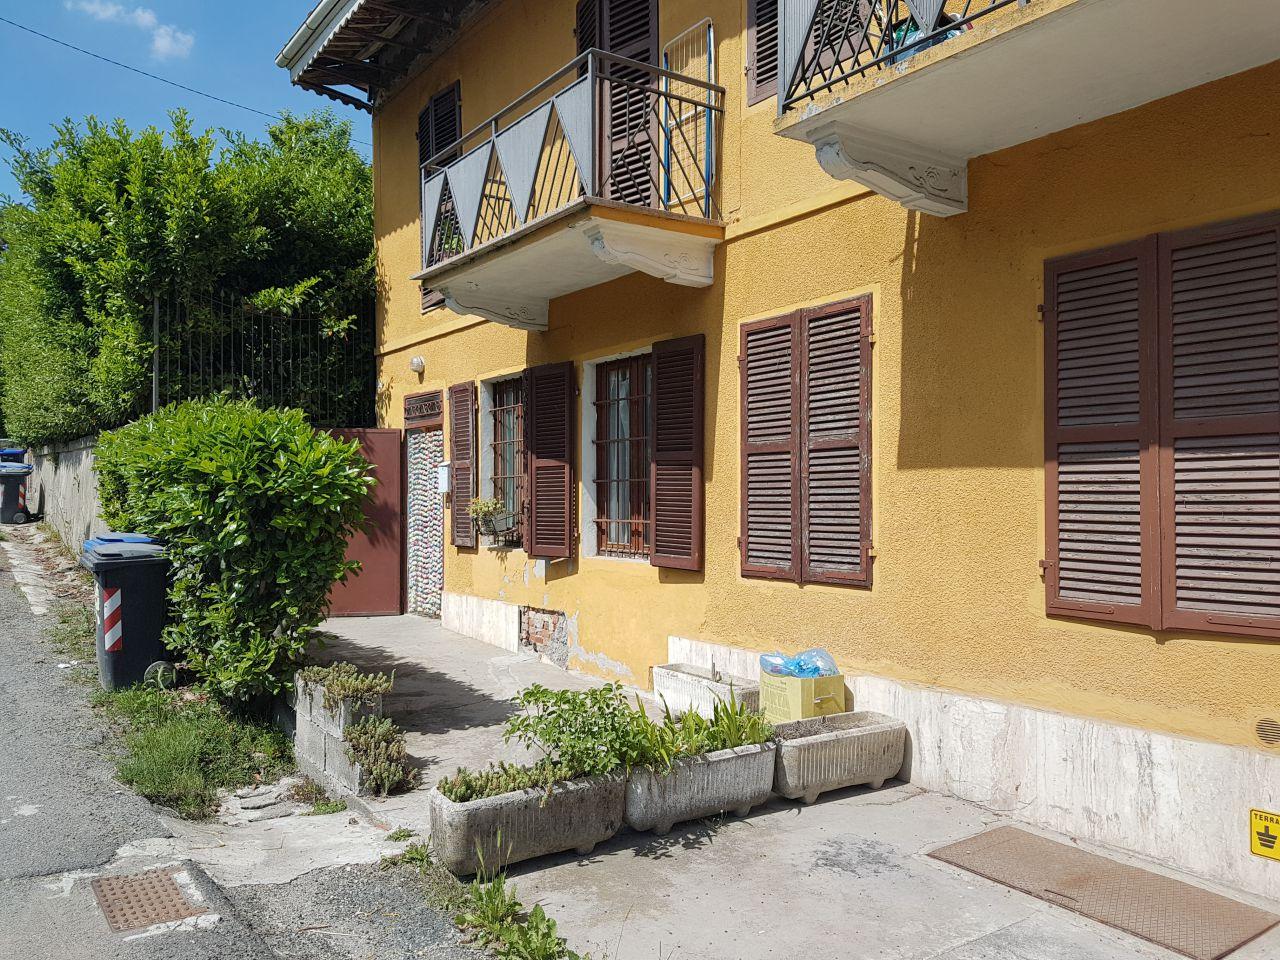 Appartamento in vendita a Brozolo, 4 locali, prezzo € 69.000 | CambioCasa.it